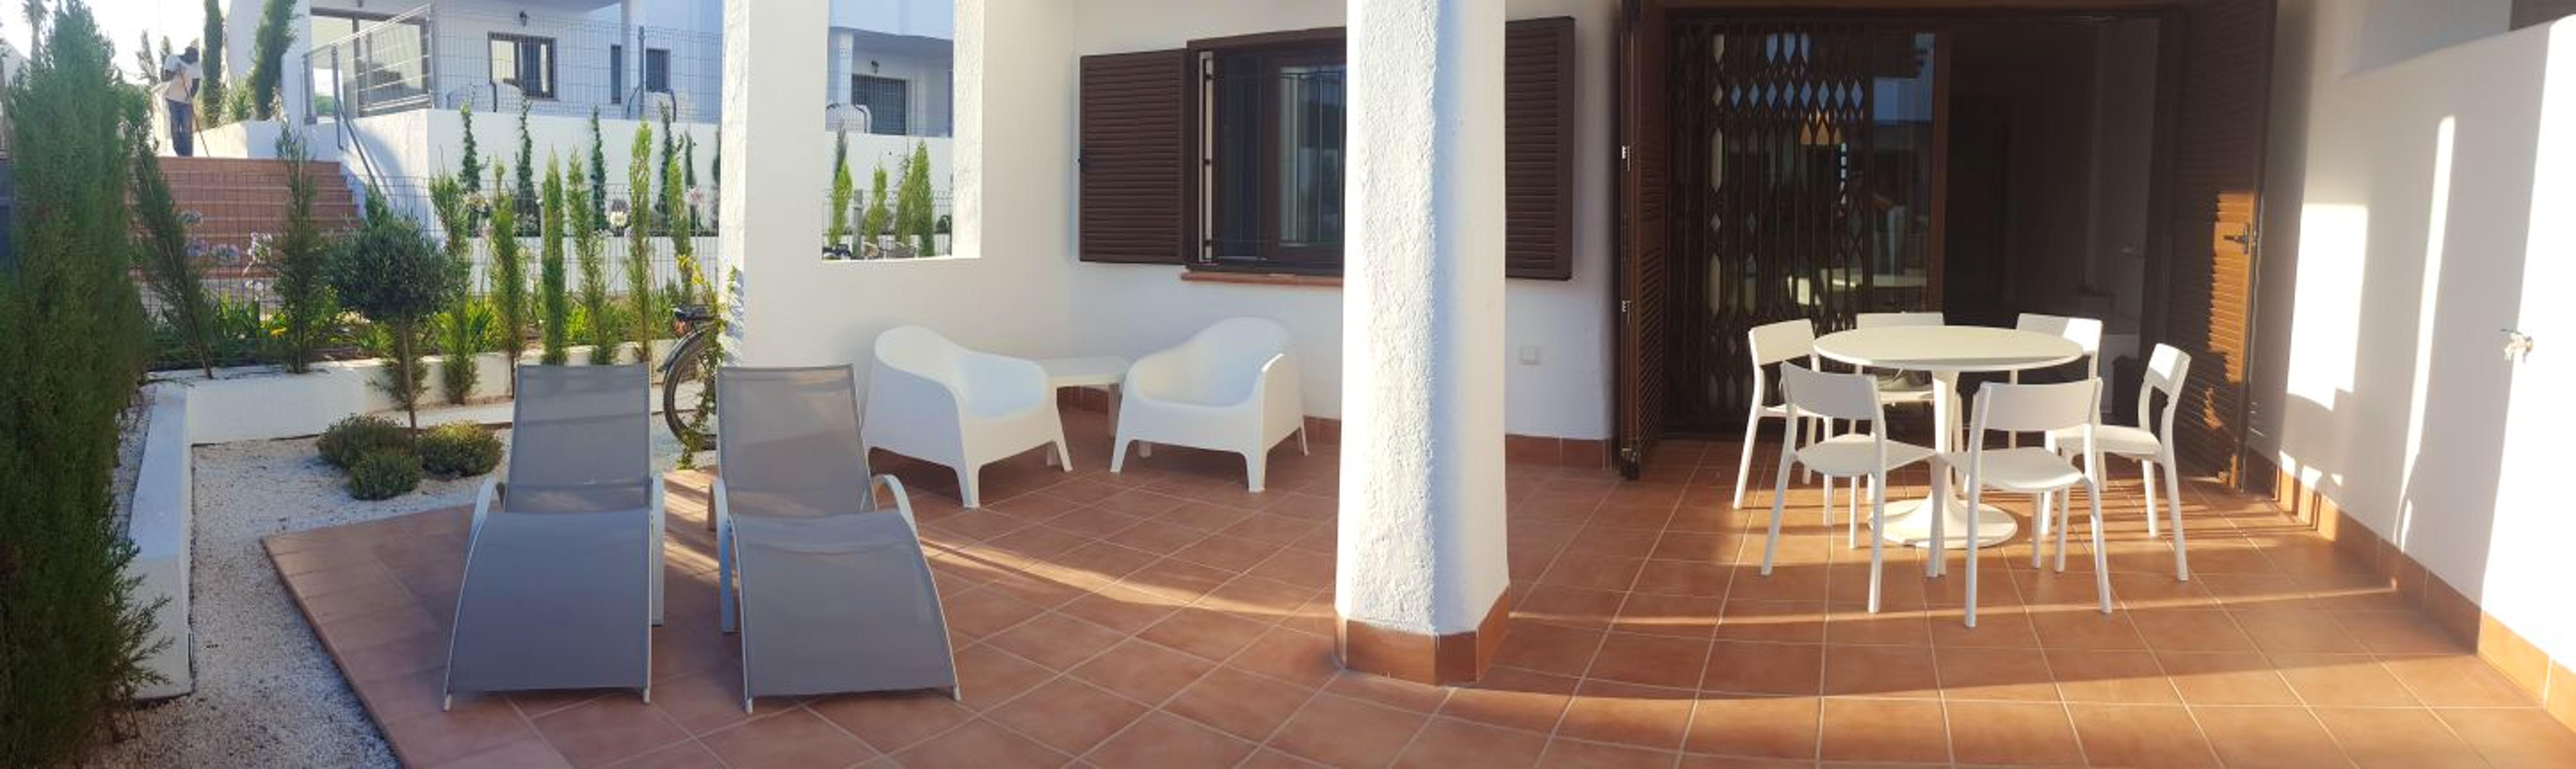 Ferienwohnung Wohnung mit 2 Schlafzimmern in San Juan de los Terreros mit herrlichem Meerblick, Pool, ei (2372661), San Juan de los Terreros, Costa de Almeria, Andalusien, Spanien, Bild 16